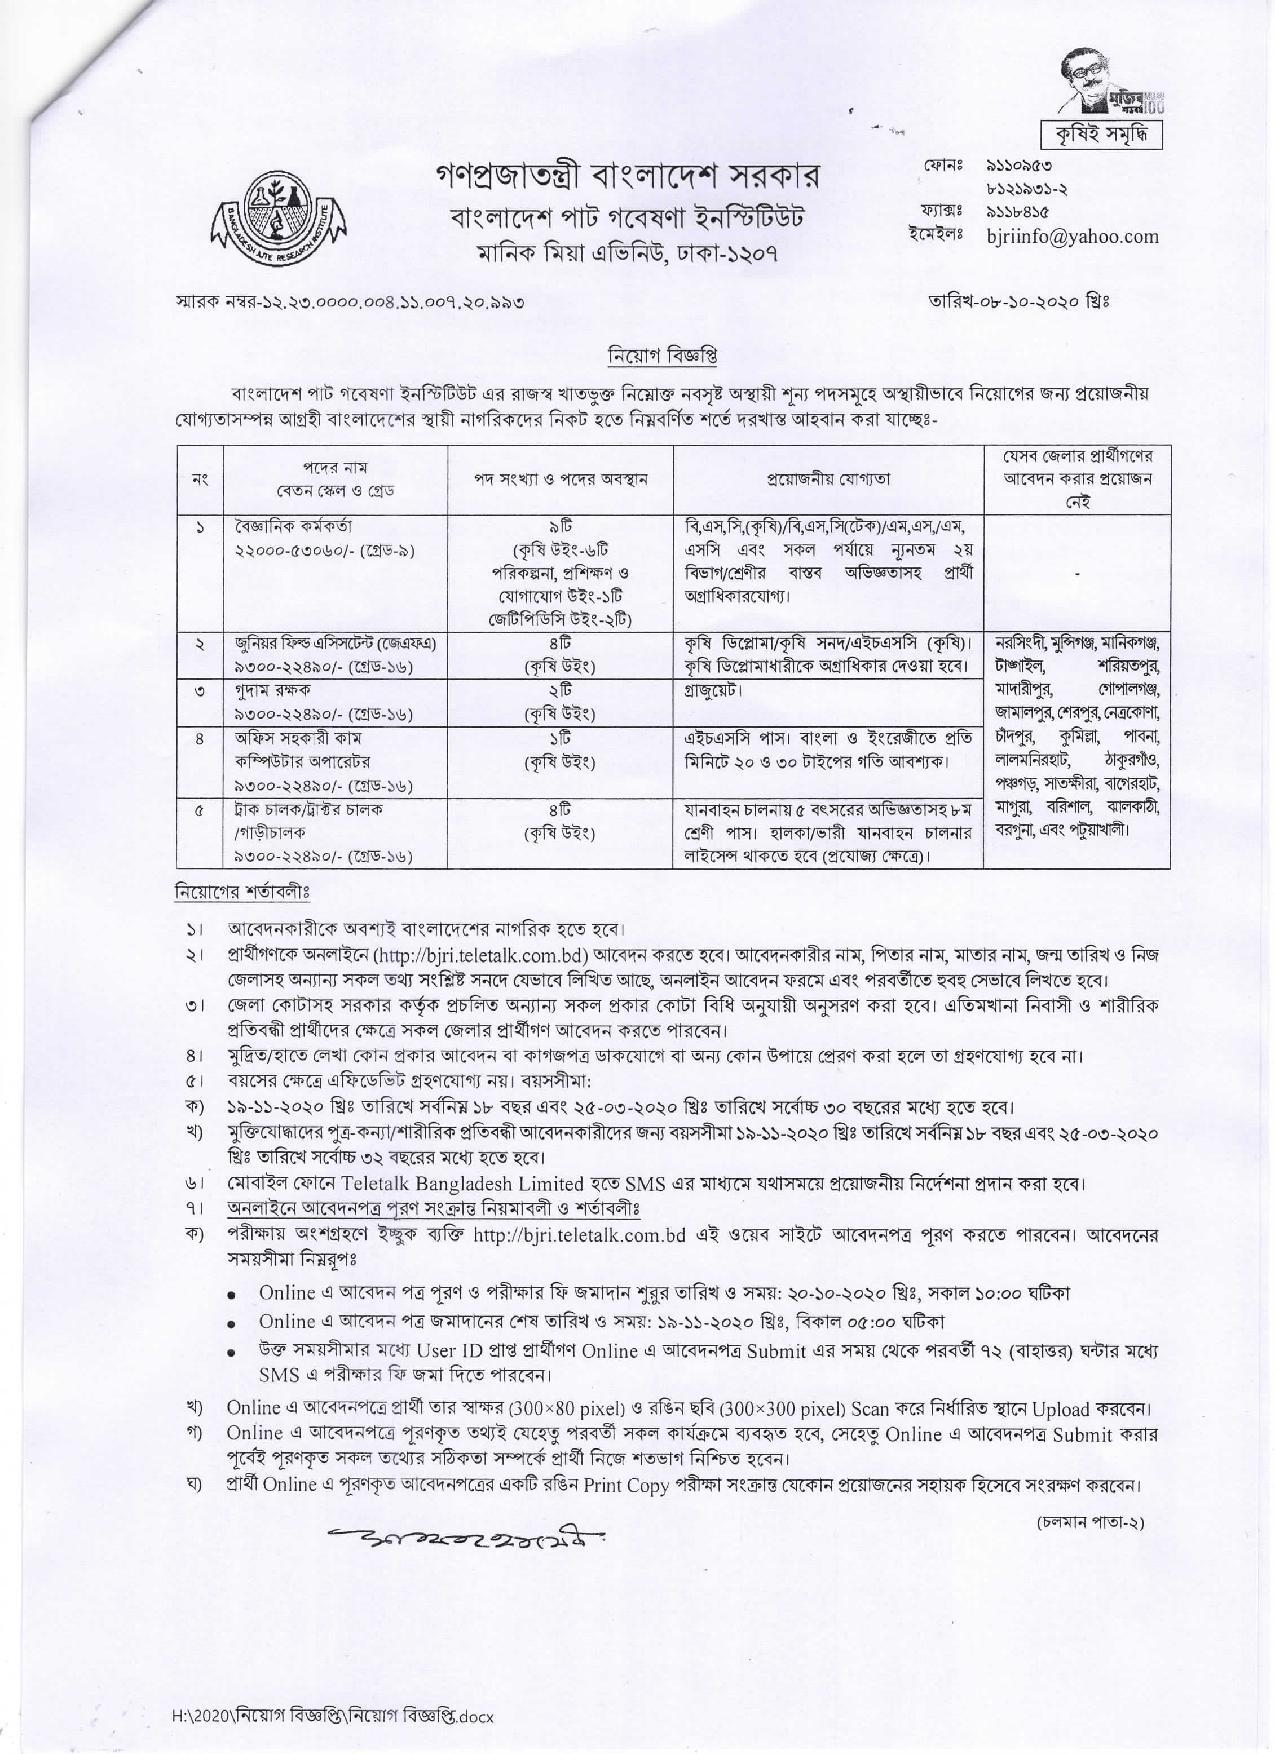 Bangladesh Jute Research Institute Job Circular 2020 2